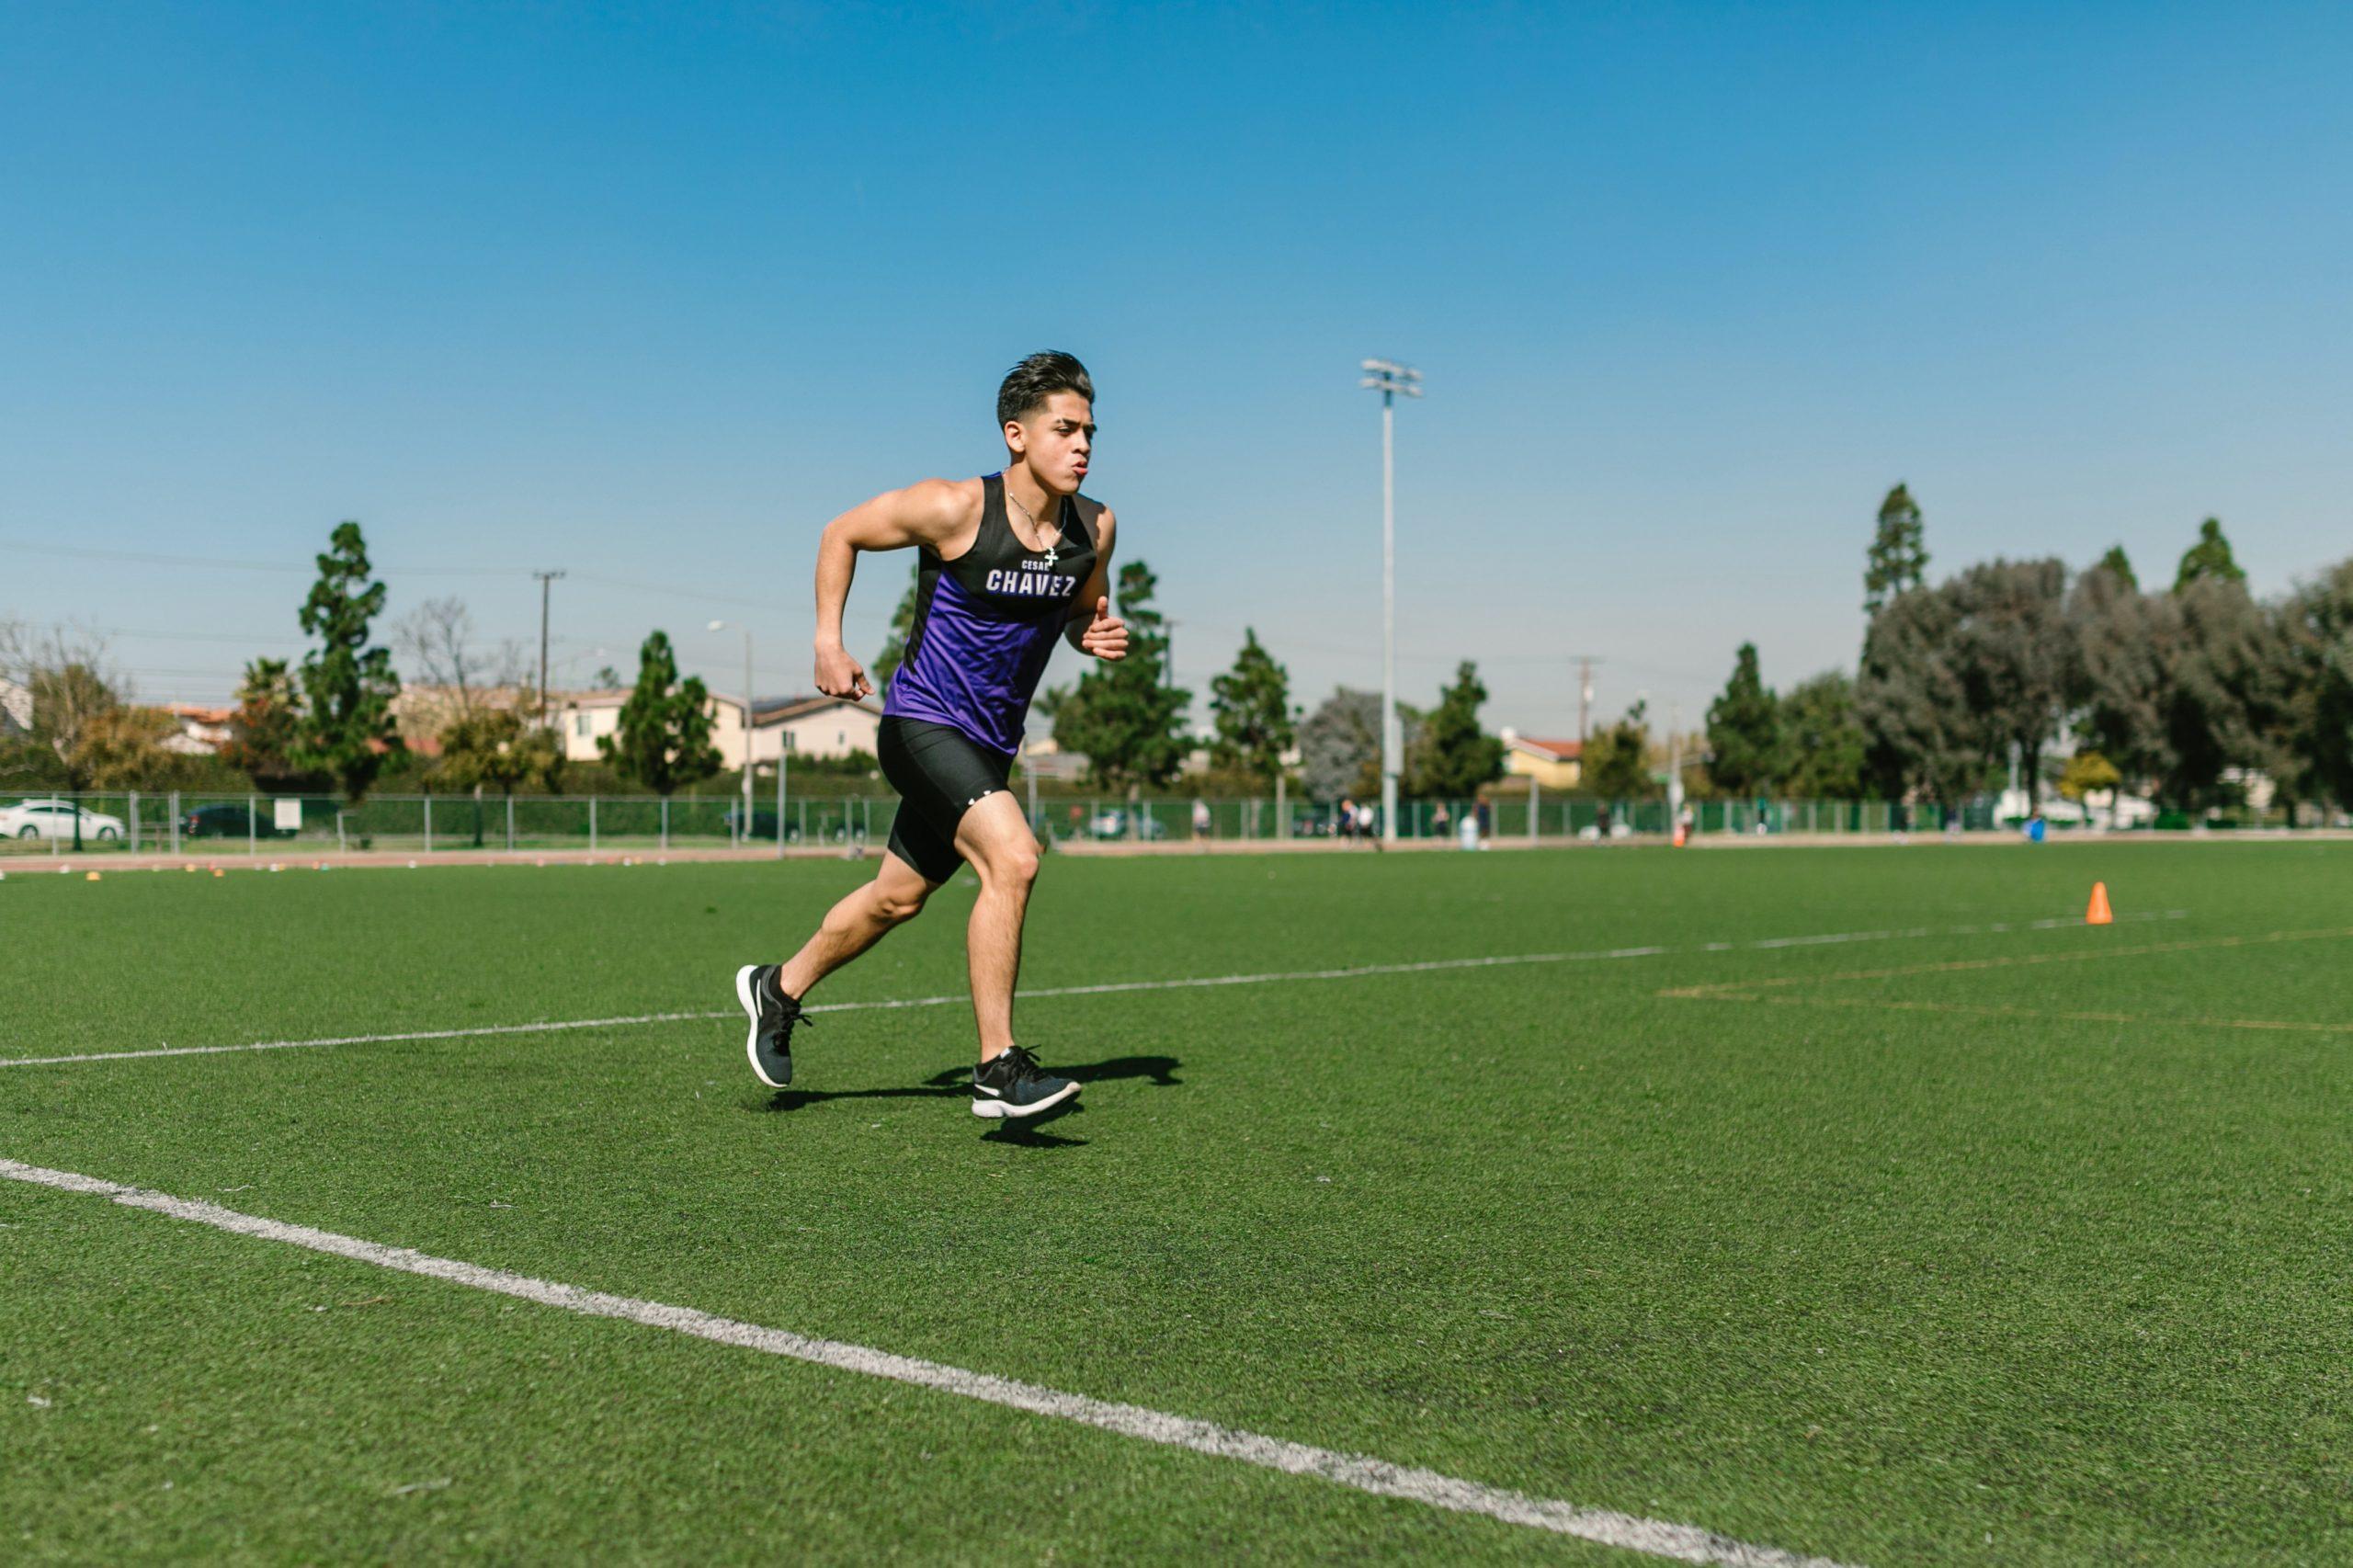 Imagem de um homem jogando futebol.